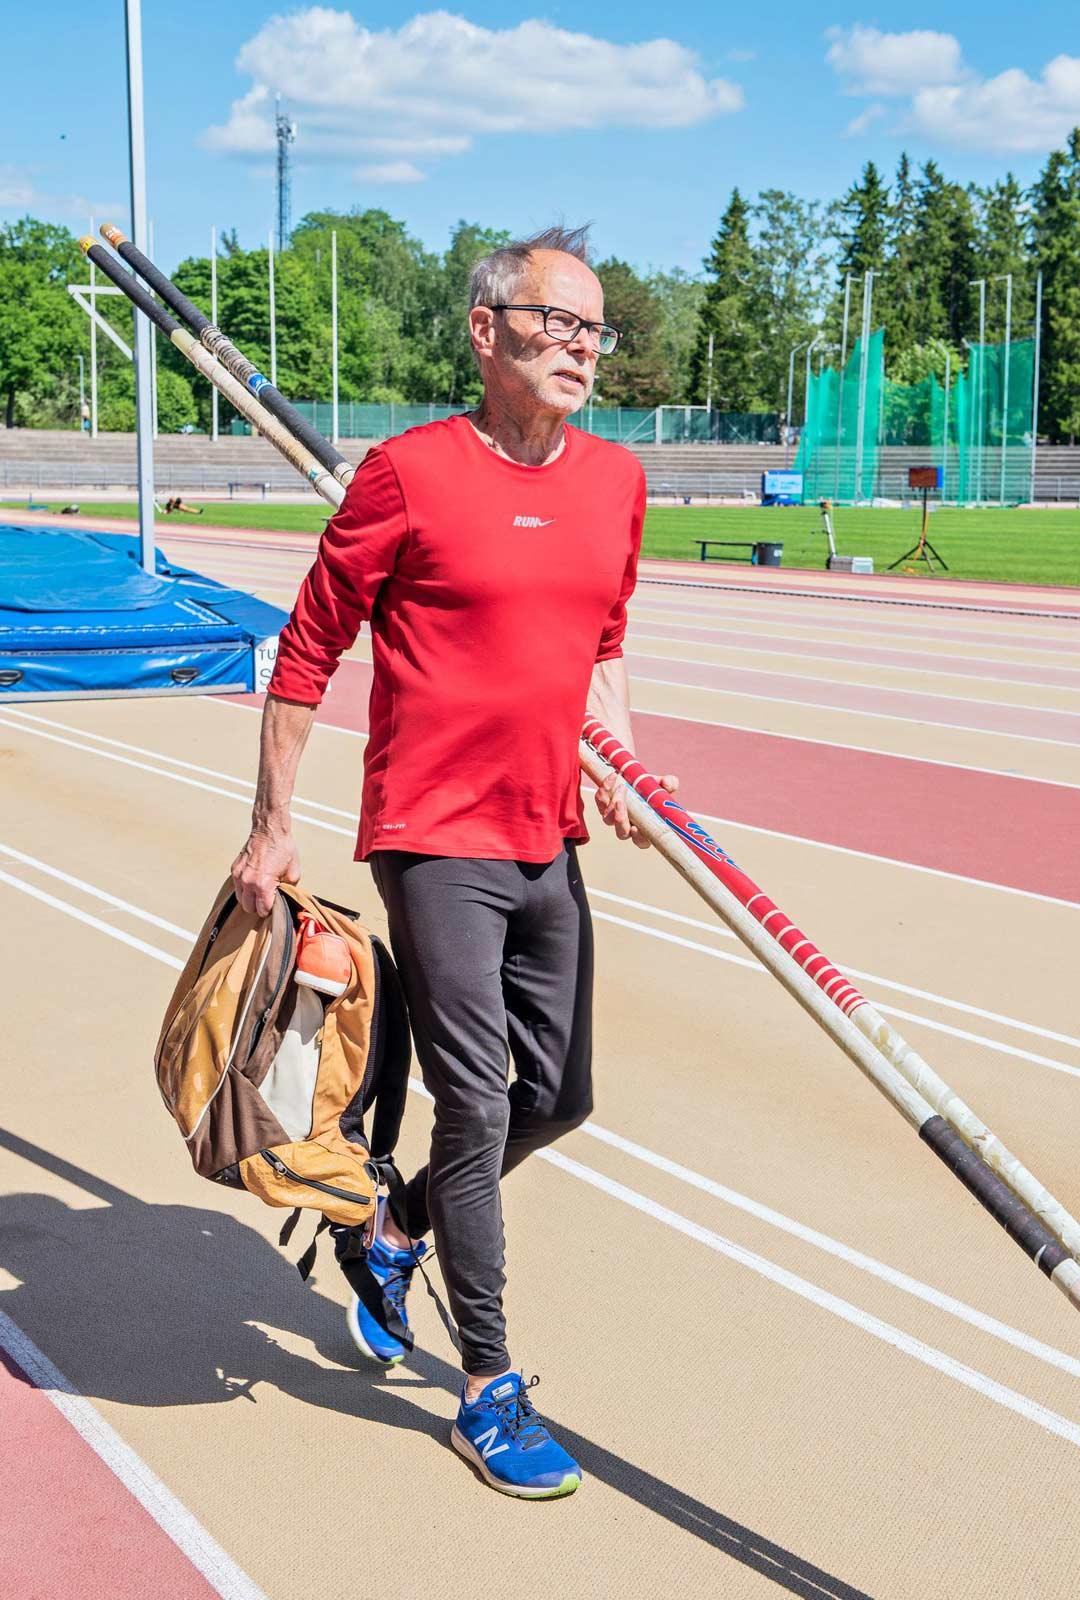 Harjoituksissa ja kisoissa Lipastilla on aina mukana kaksi omaa seivästä.